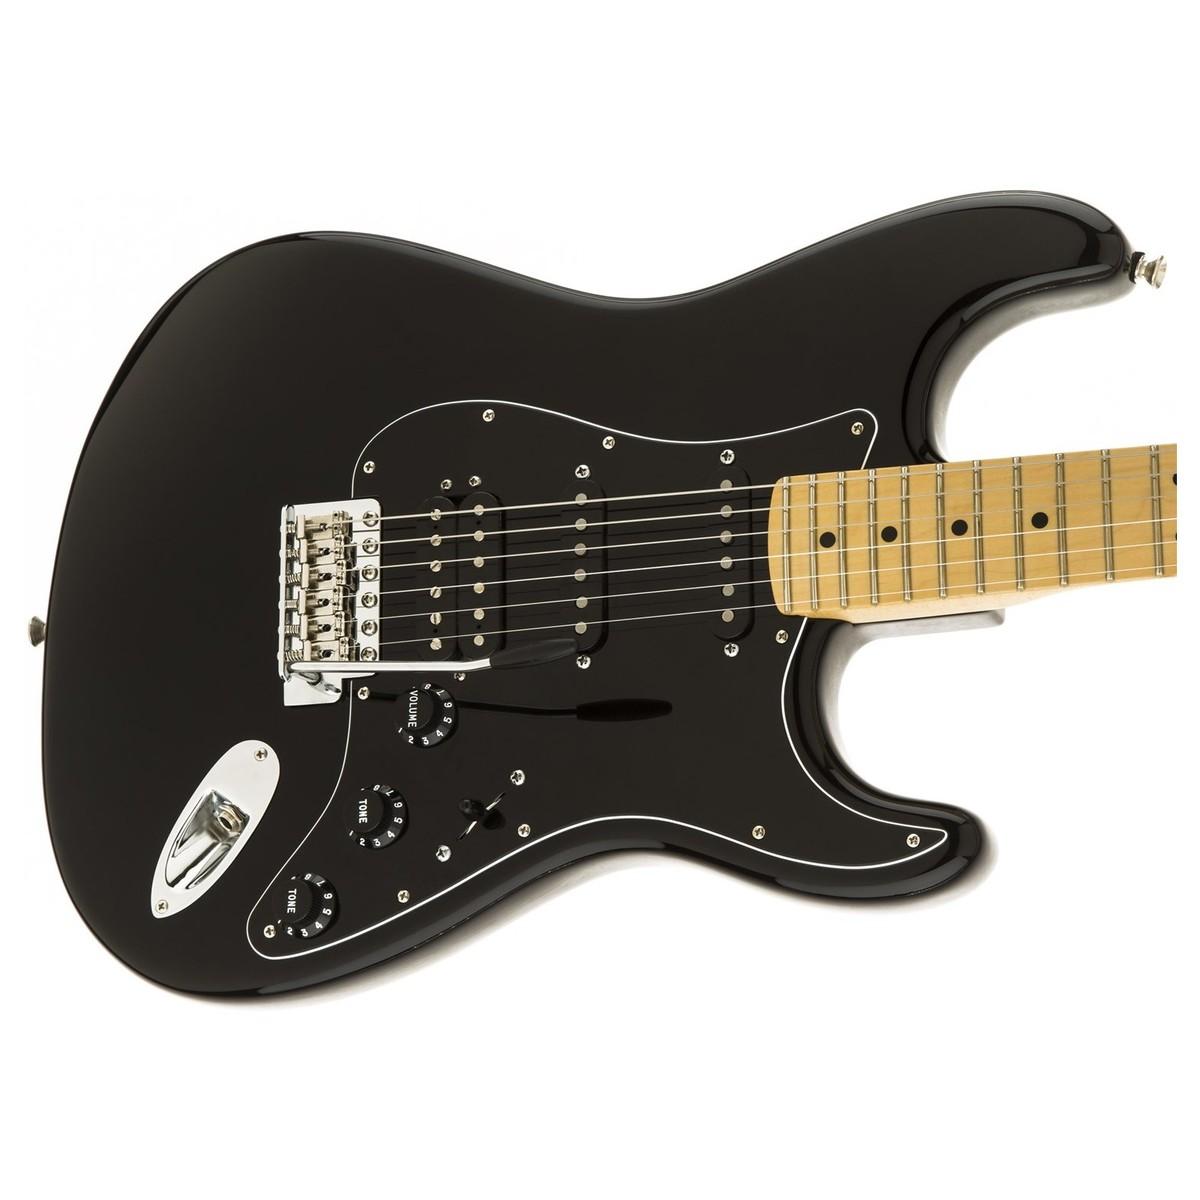 fender american special stratocaster hss black at. Black Bedroom Furniture Sets. Home Design Ideas